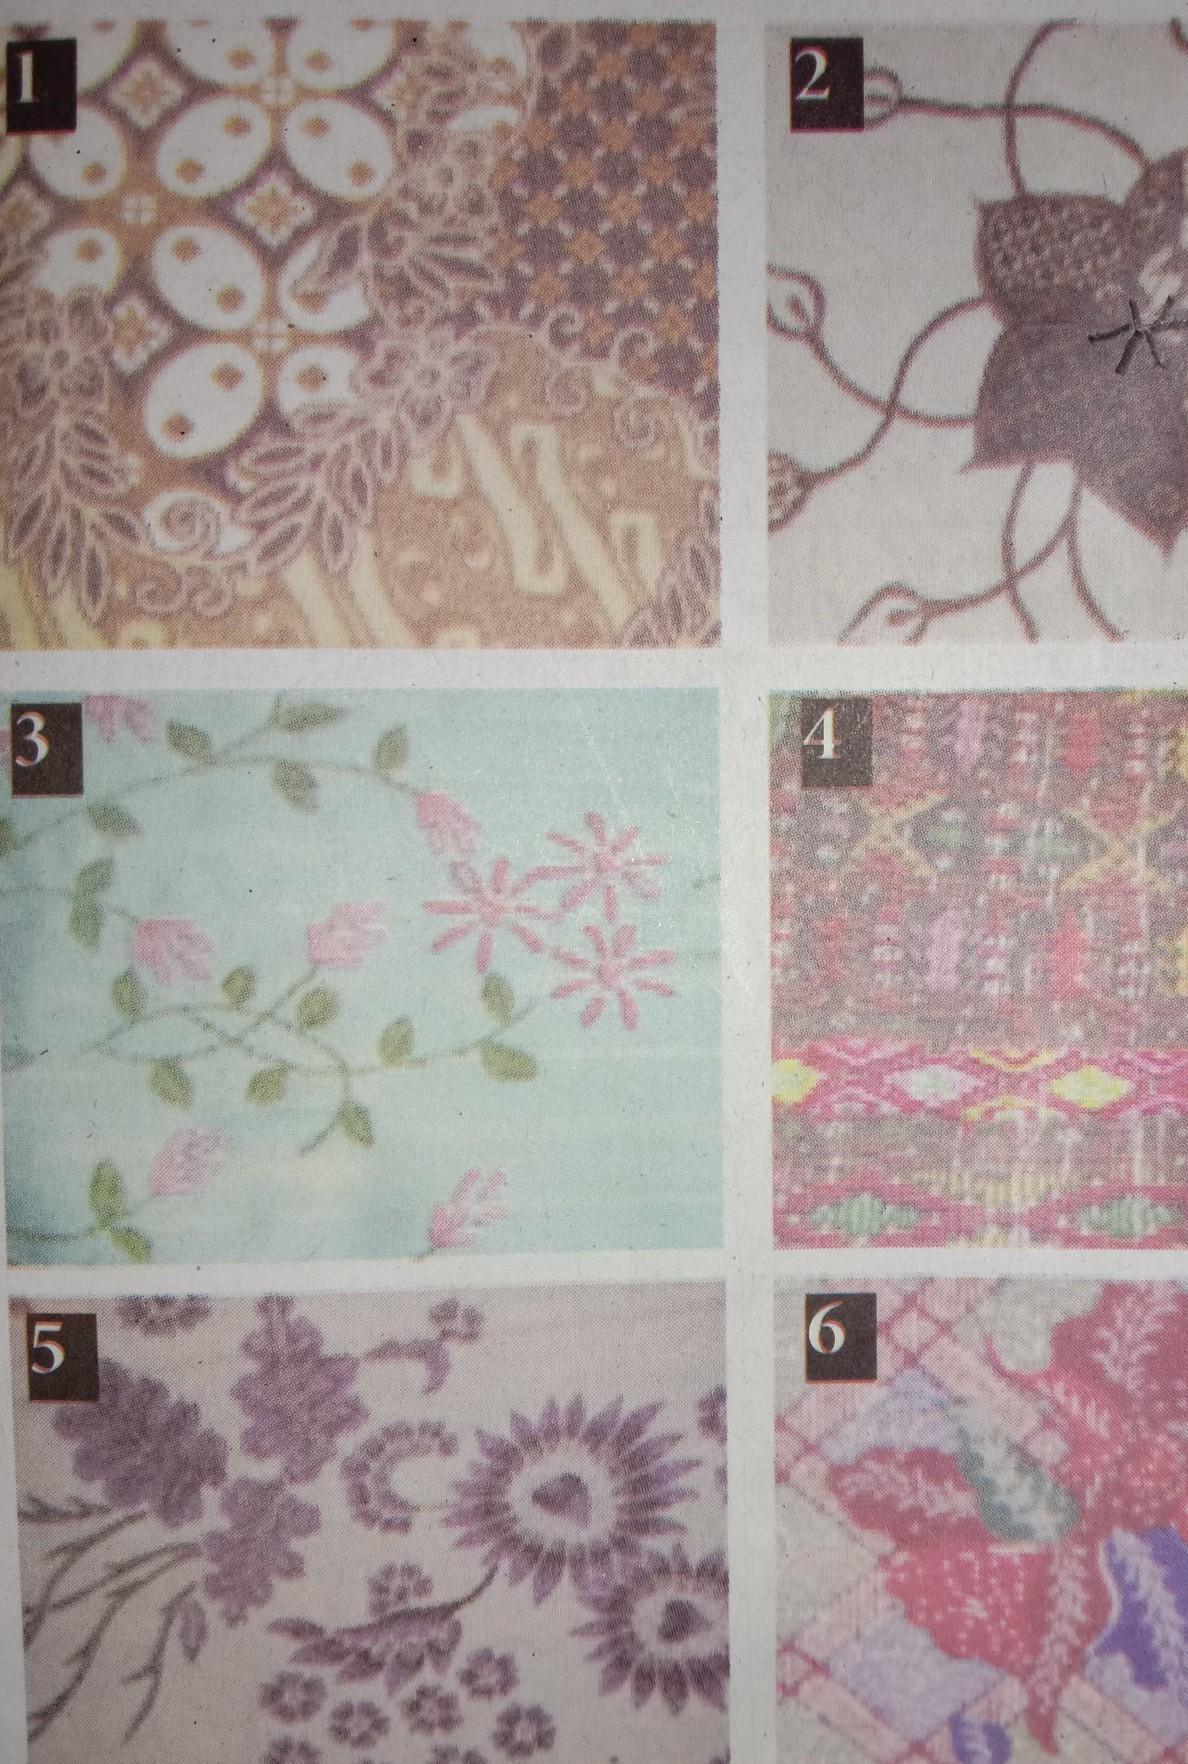 Ragam Hias Pada Bahan Tekstil Kita